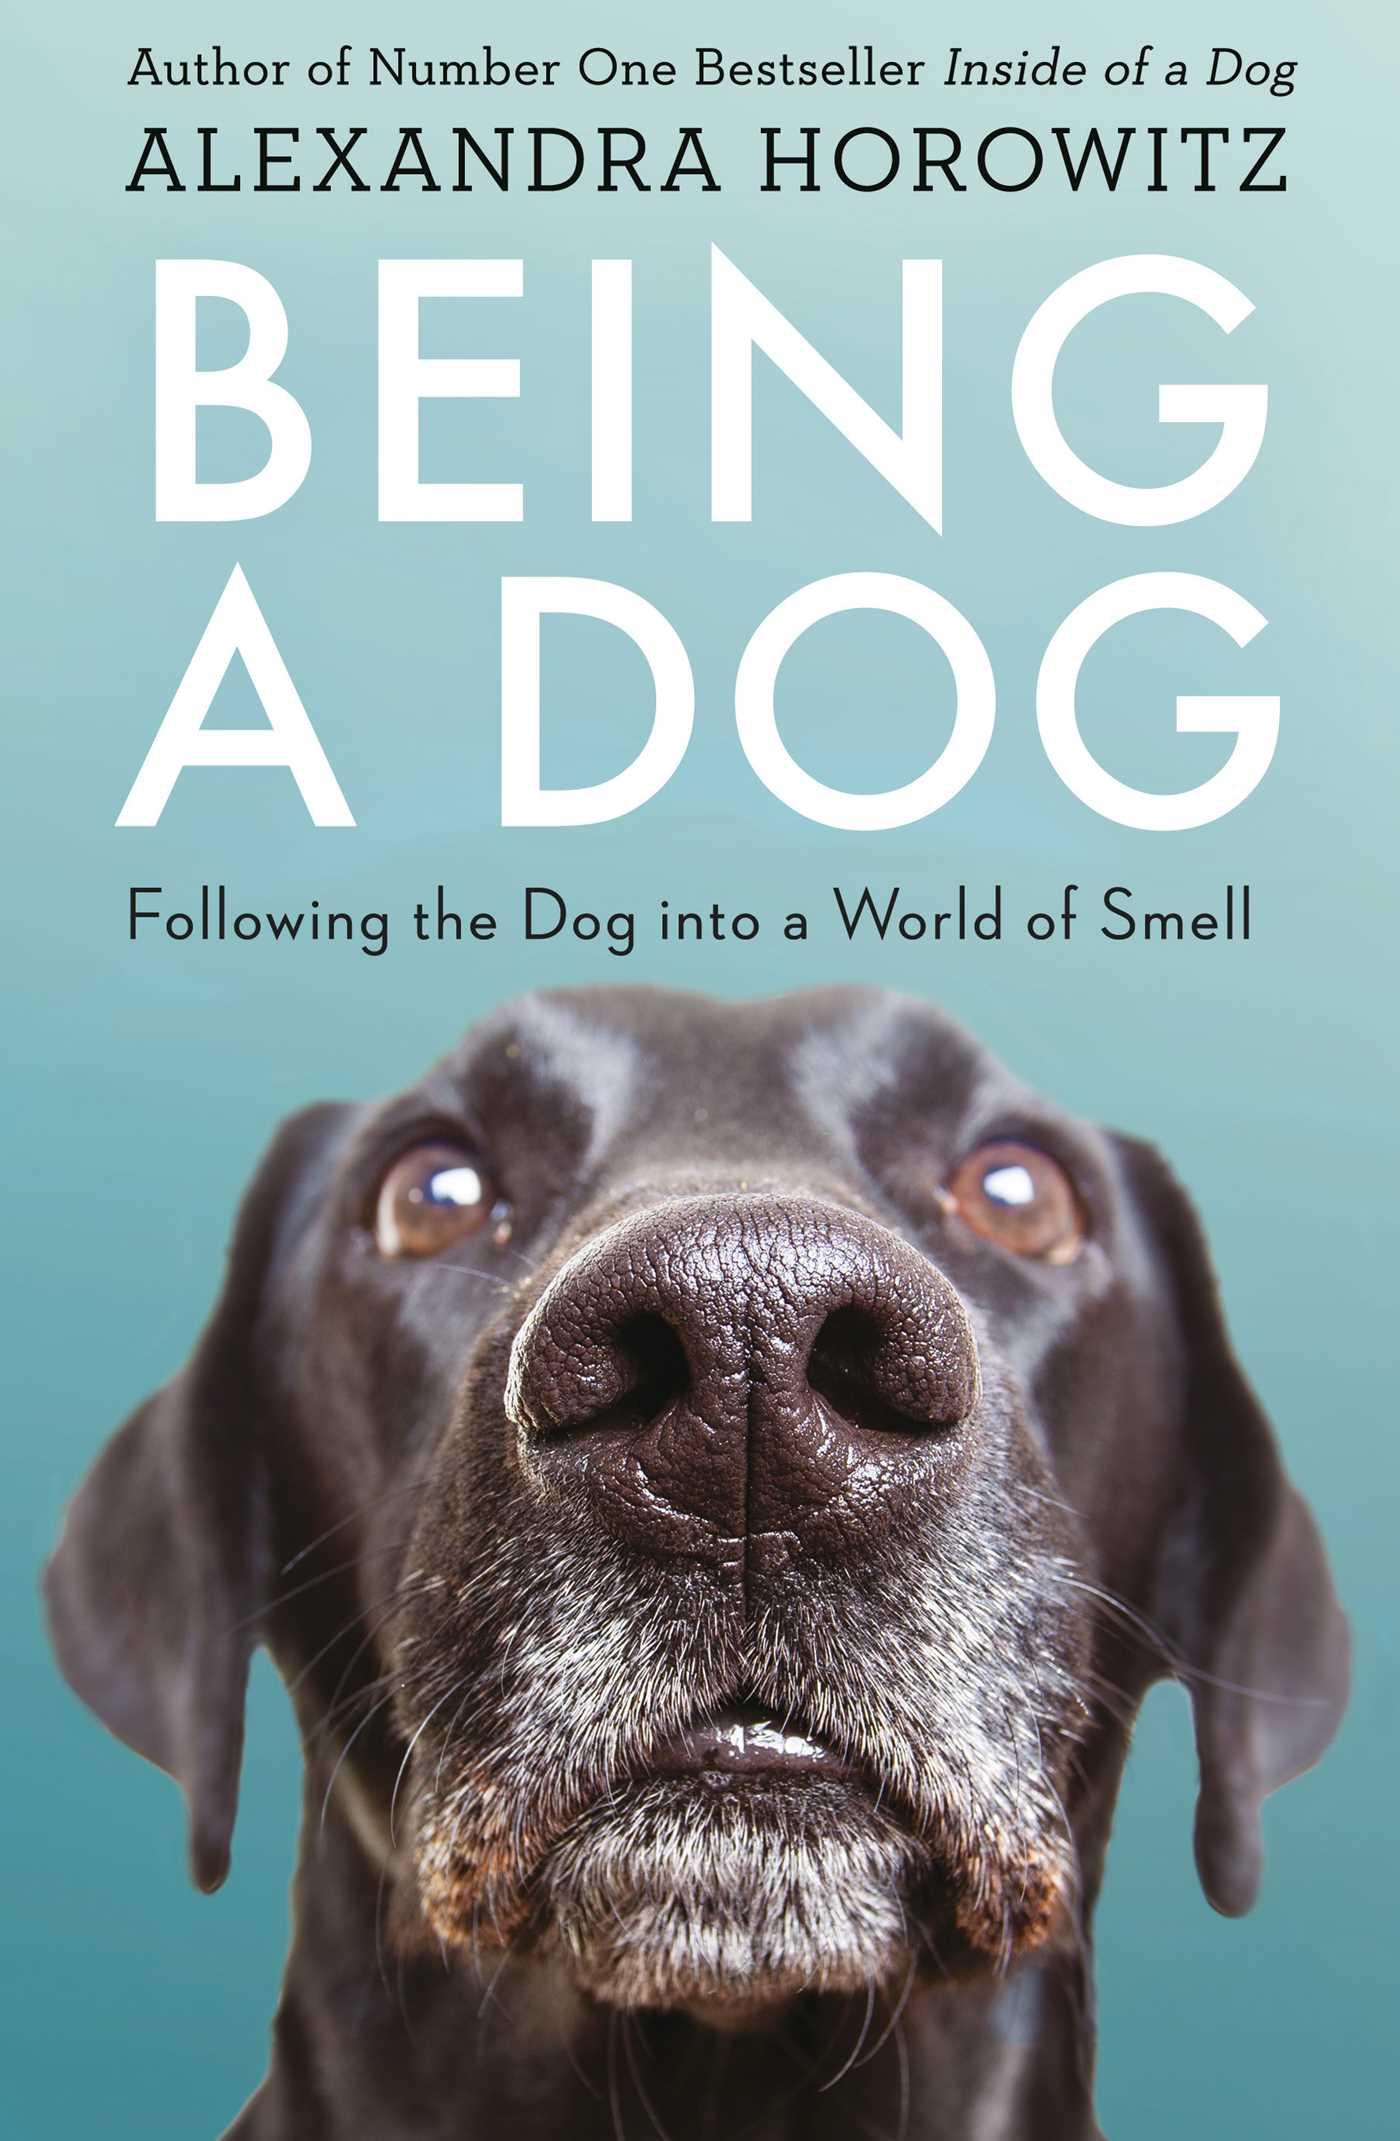 being-a-dog-9781471159923_hr